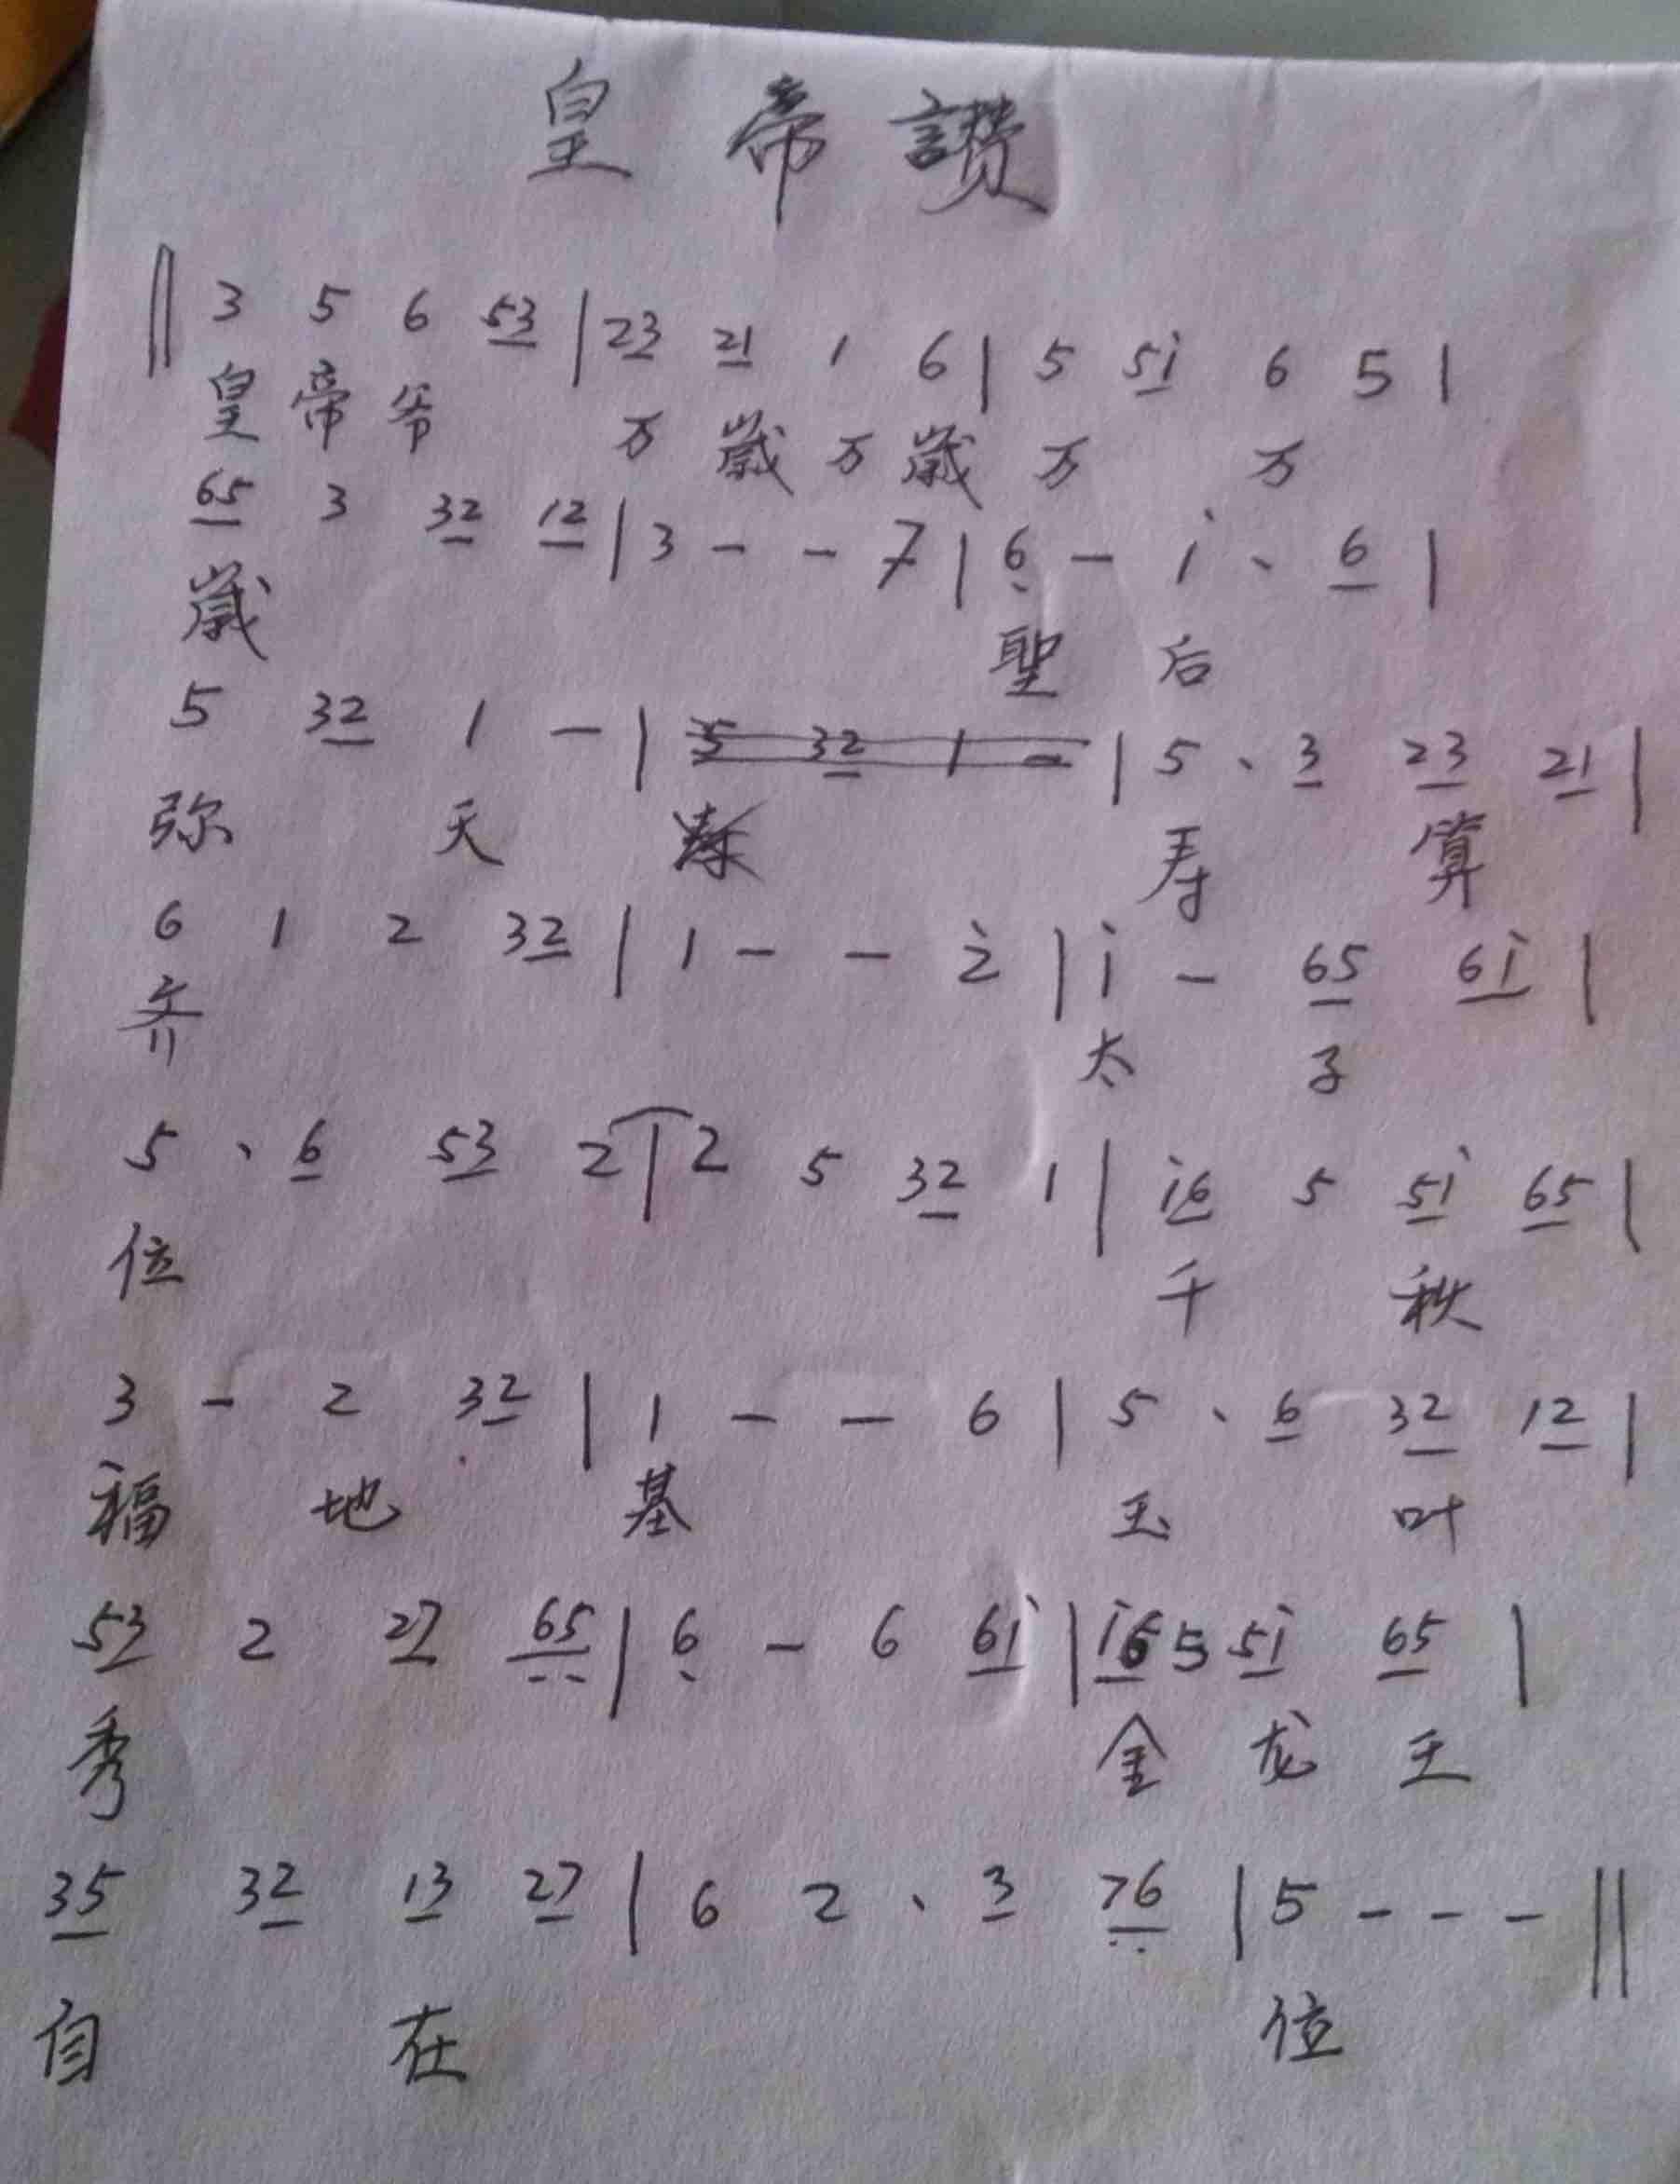 Huangdiye score